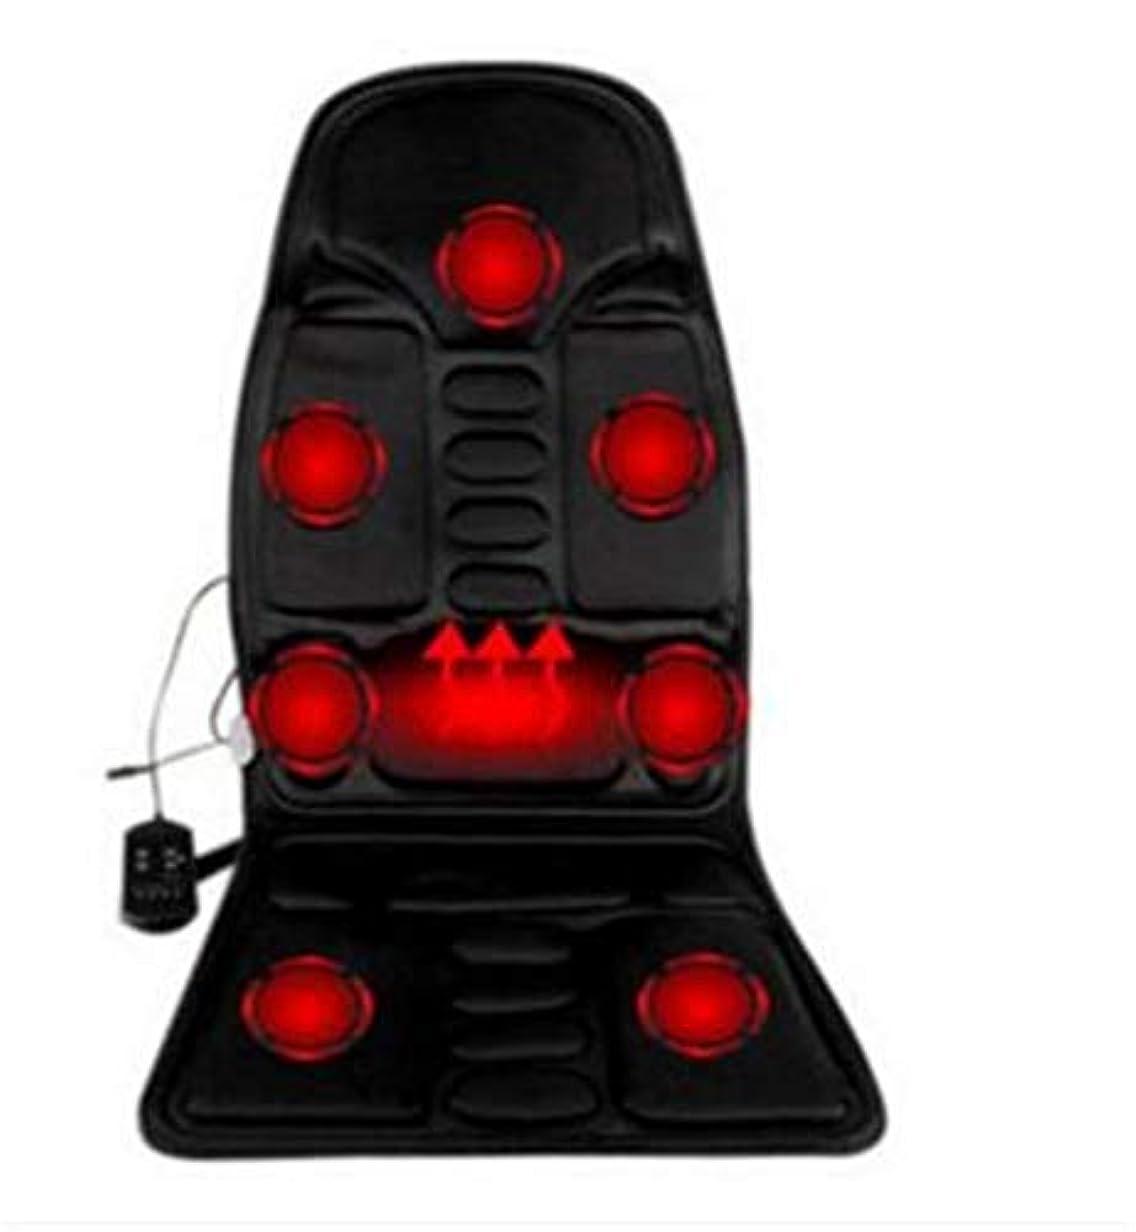 ジョージバーナードパーティション決めます電気マッサージクッション、背中のマッサージチェア、車のホームオフィス、全身マッサージクッション、首のマッサージチェア、血液循環を促進するマッサージリラクゼーション